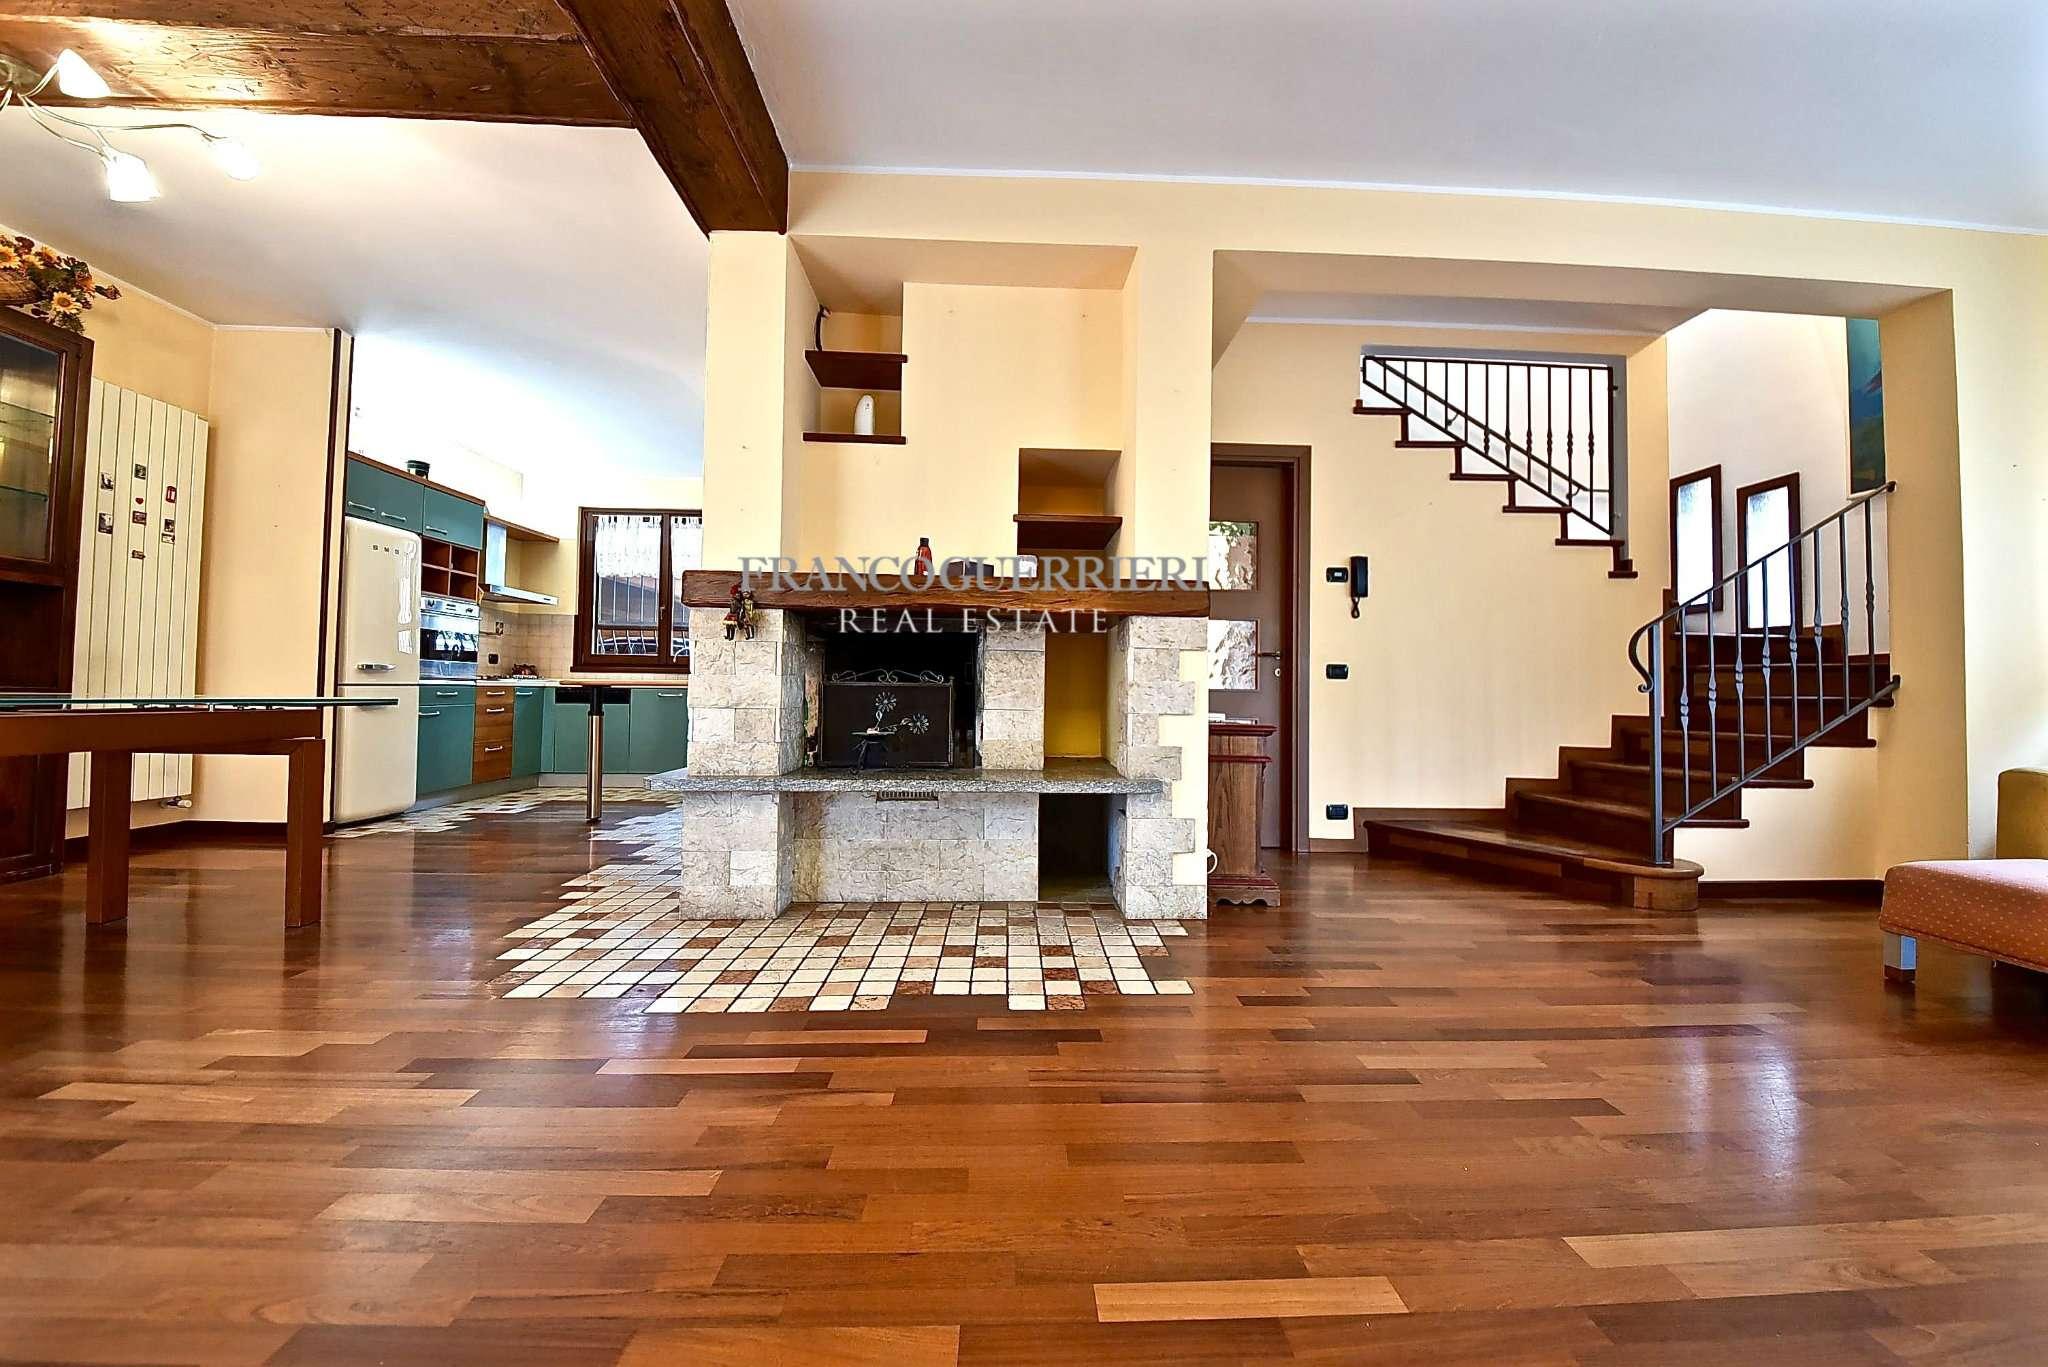 Villa in Vendita a Correzzana: 4 locali, 210 mq